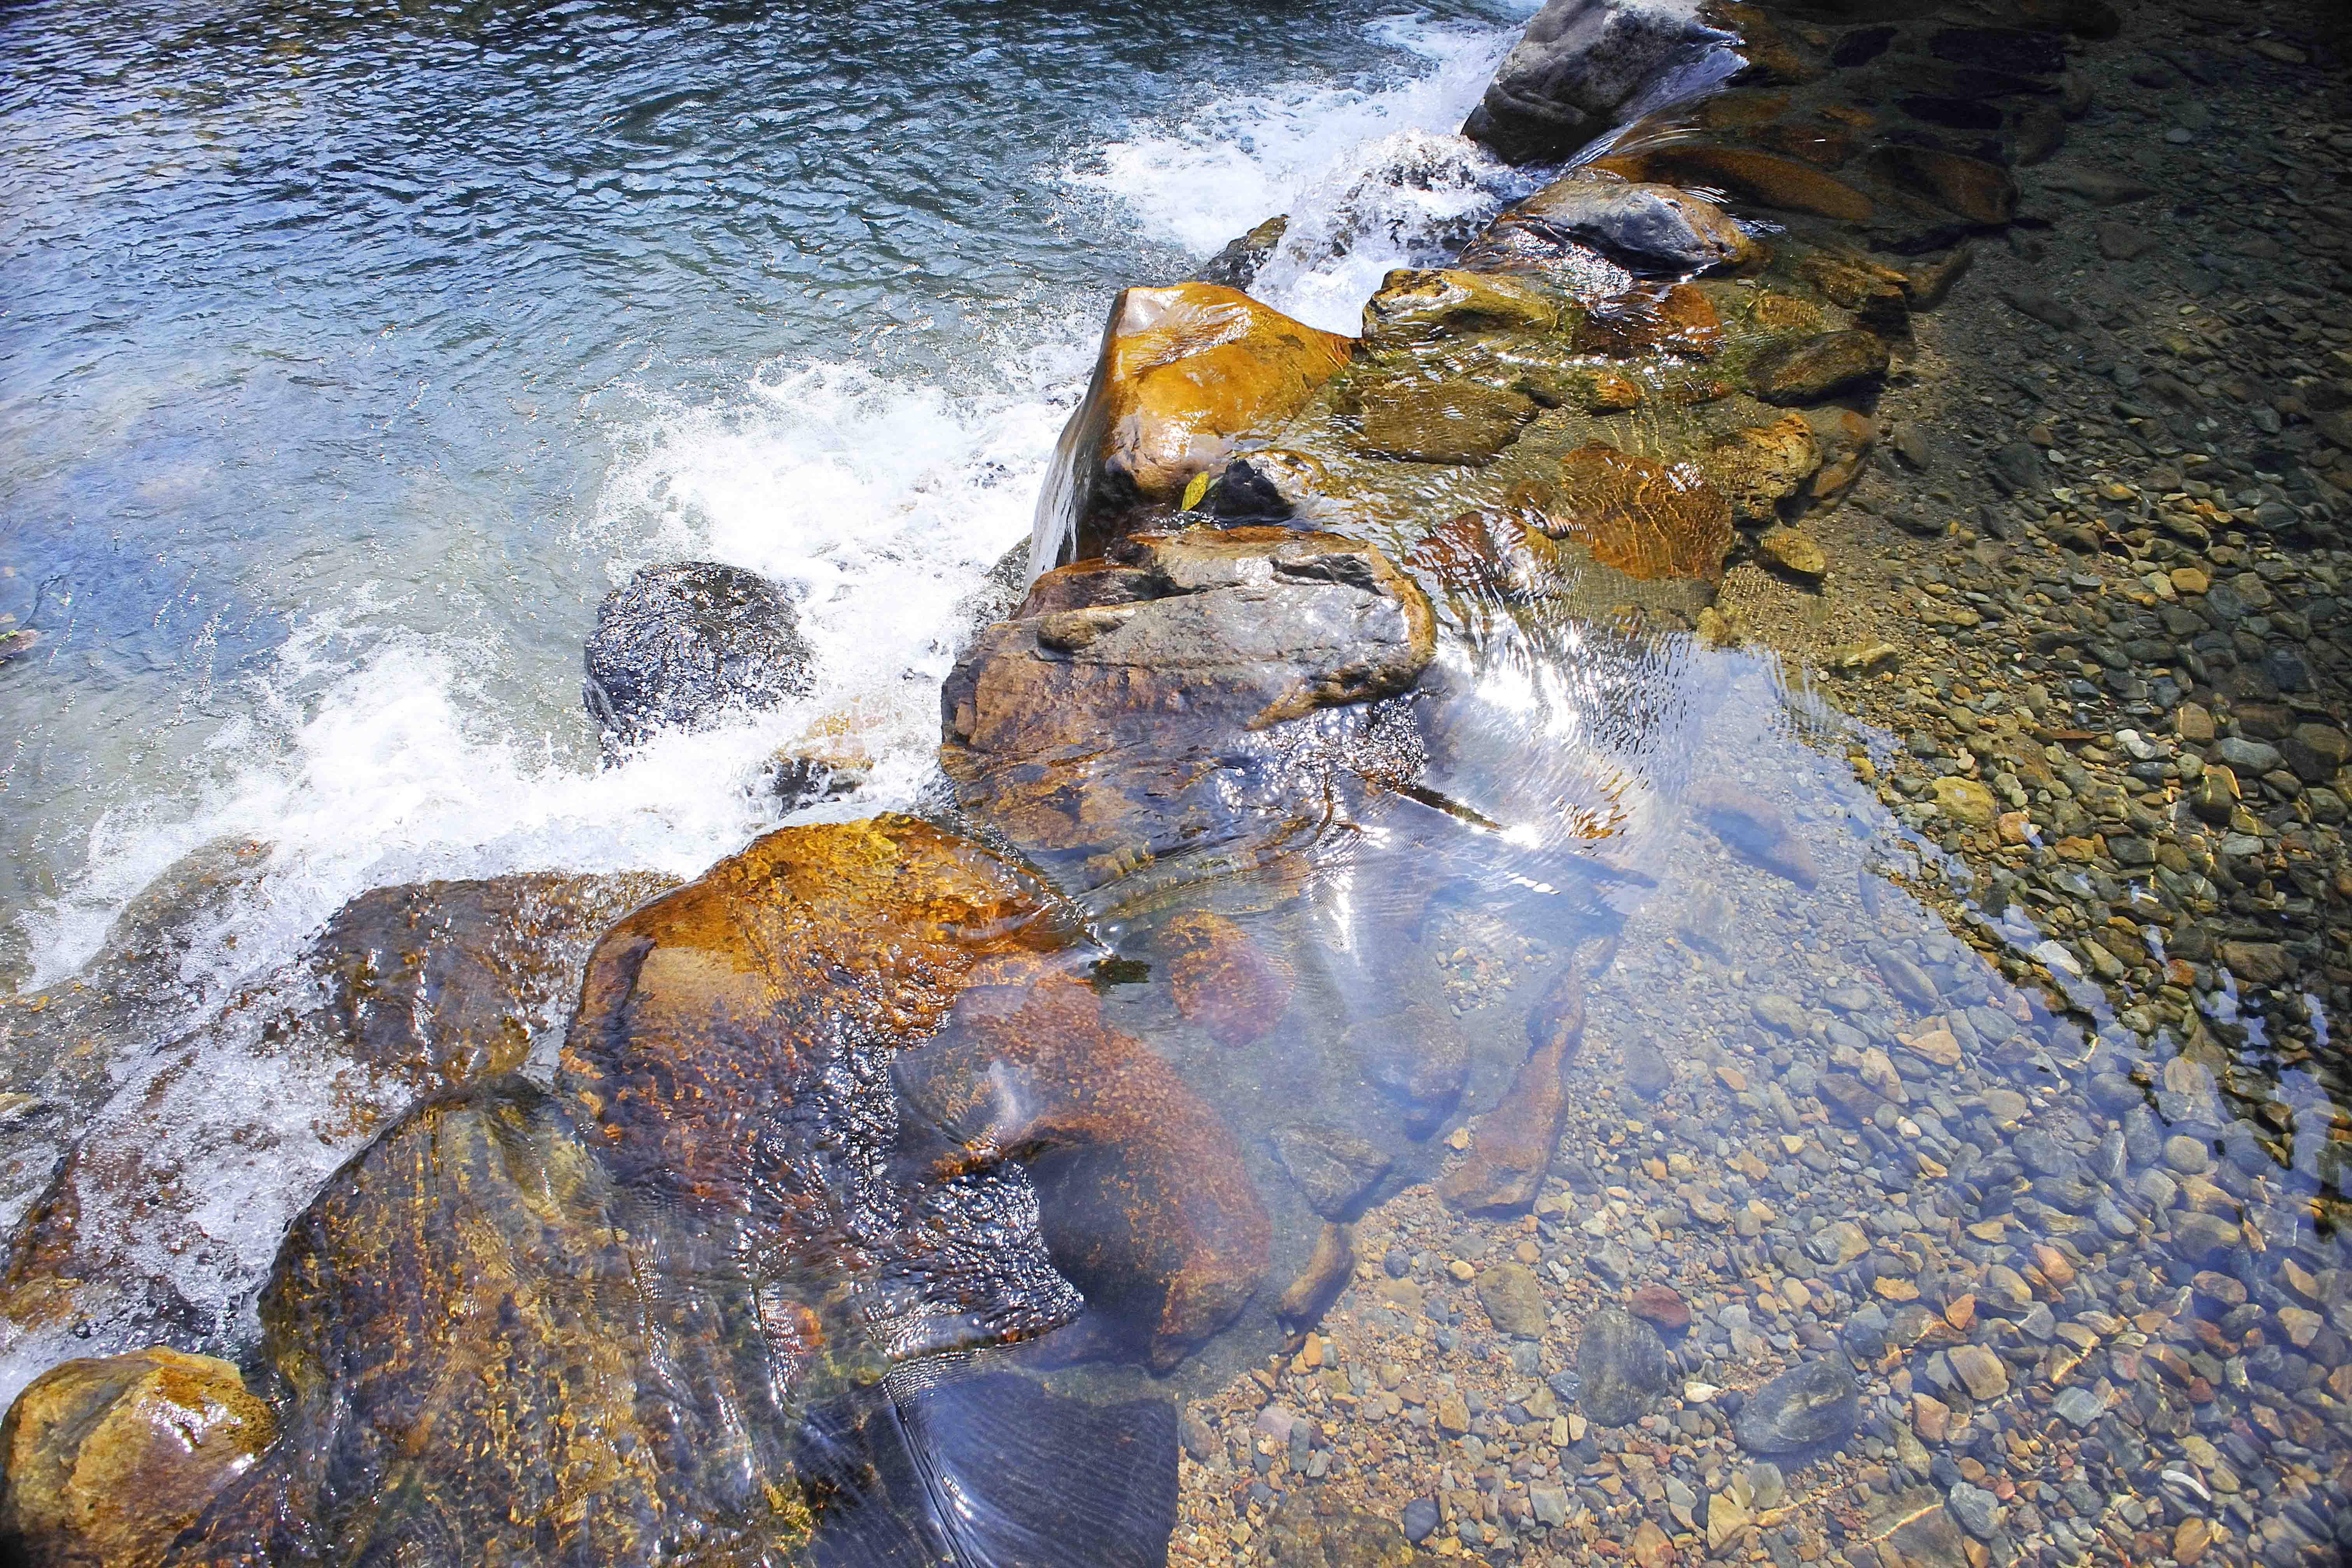 山泉水顾名——山眼发生的天然水